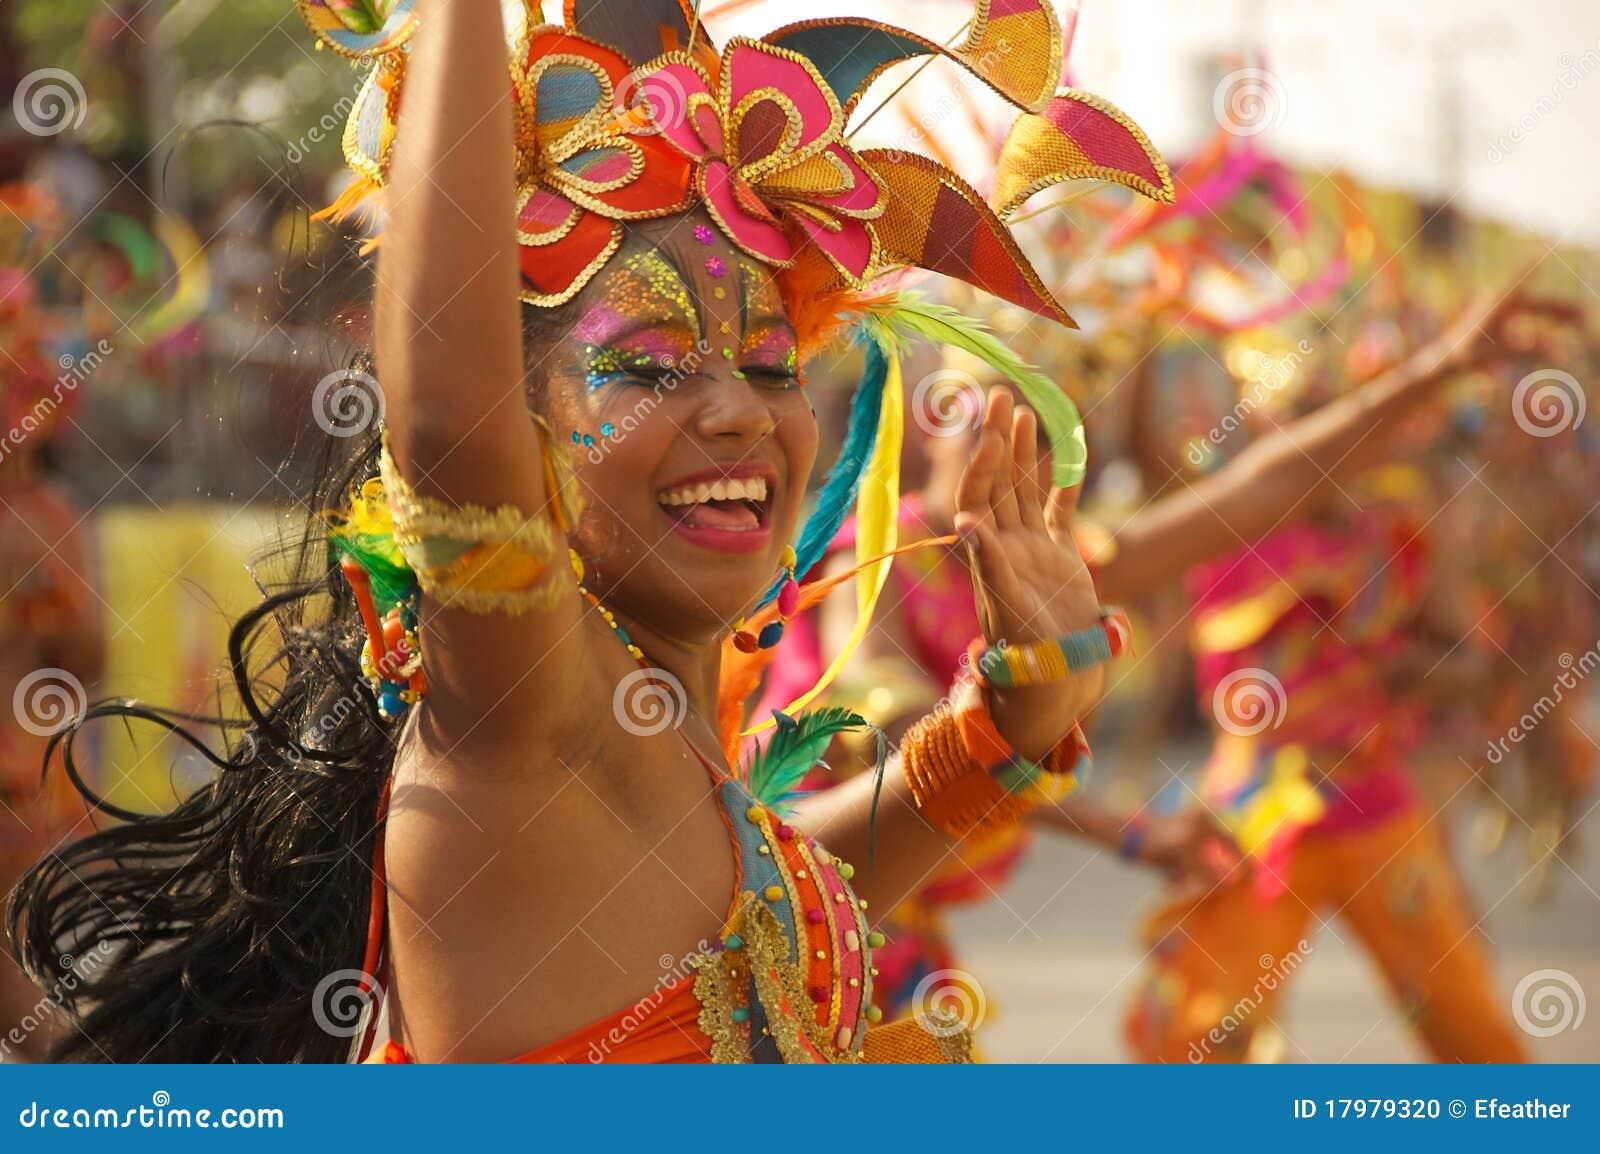 De parade van Carnaval in Barranquilla, Colombia